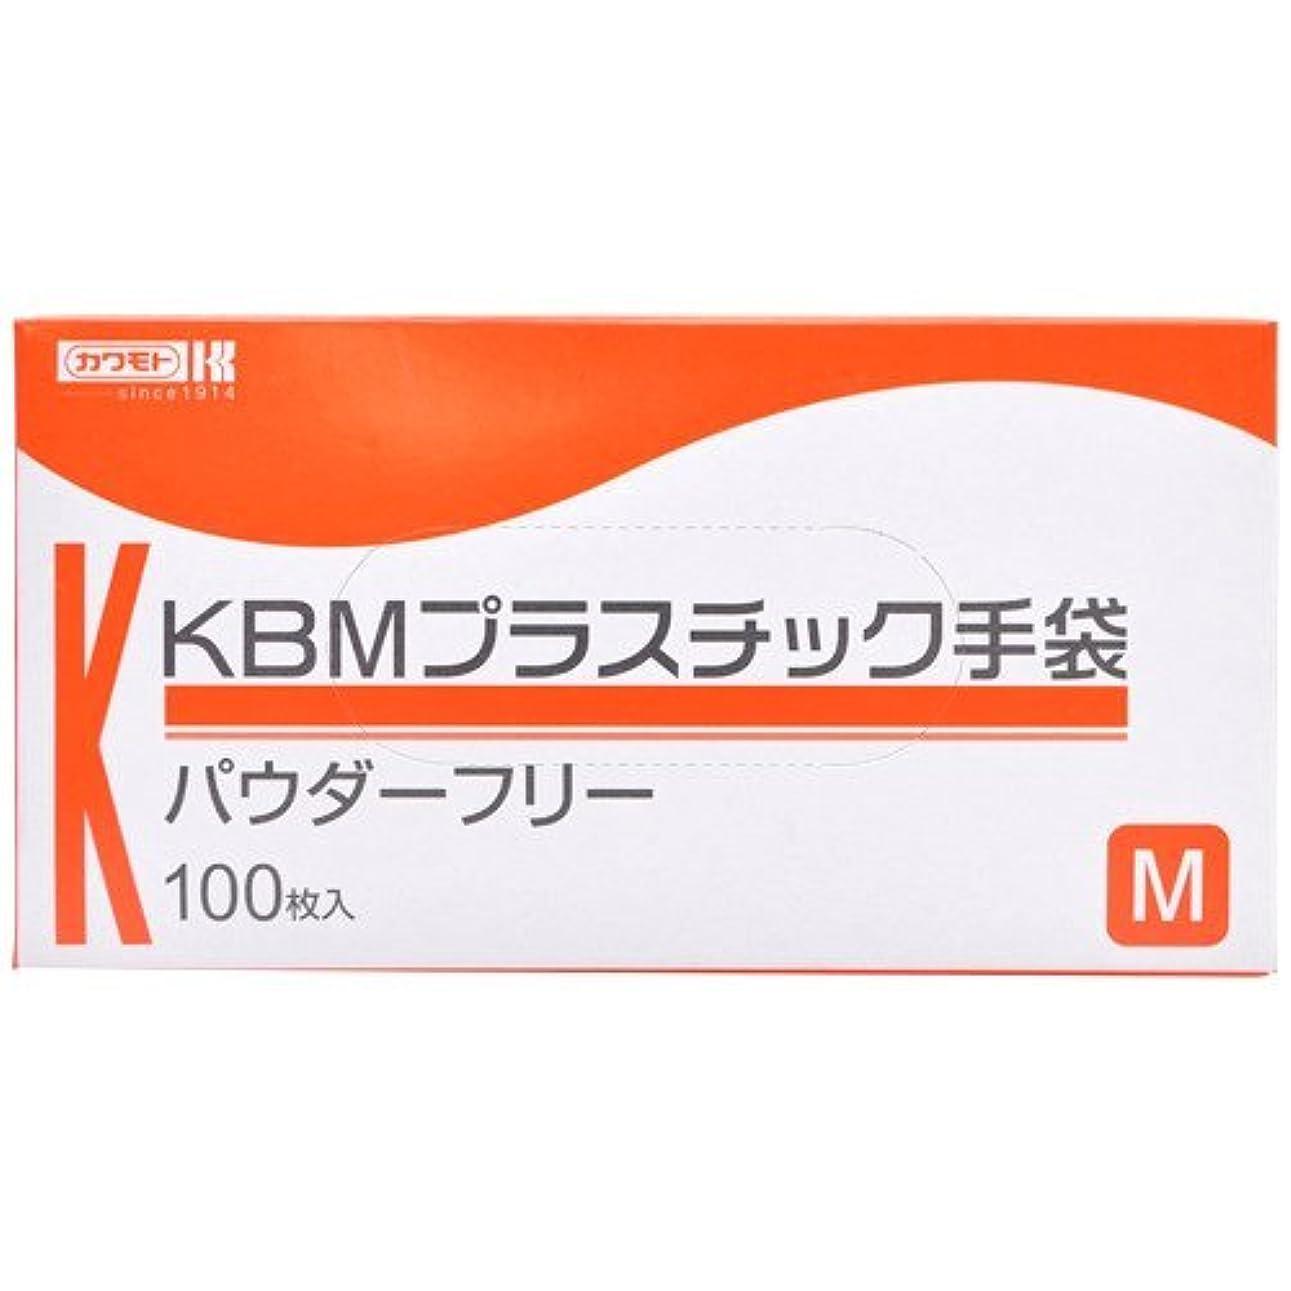 キャンドル言い換えると精緻化川本産業 KBMプラスチック手袋 パウダーフリー M 100枚入